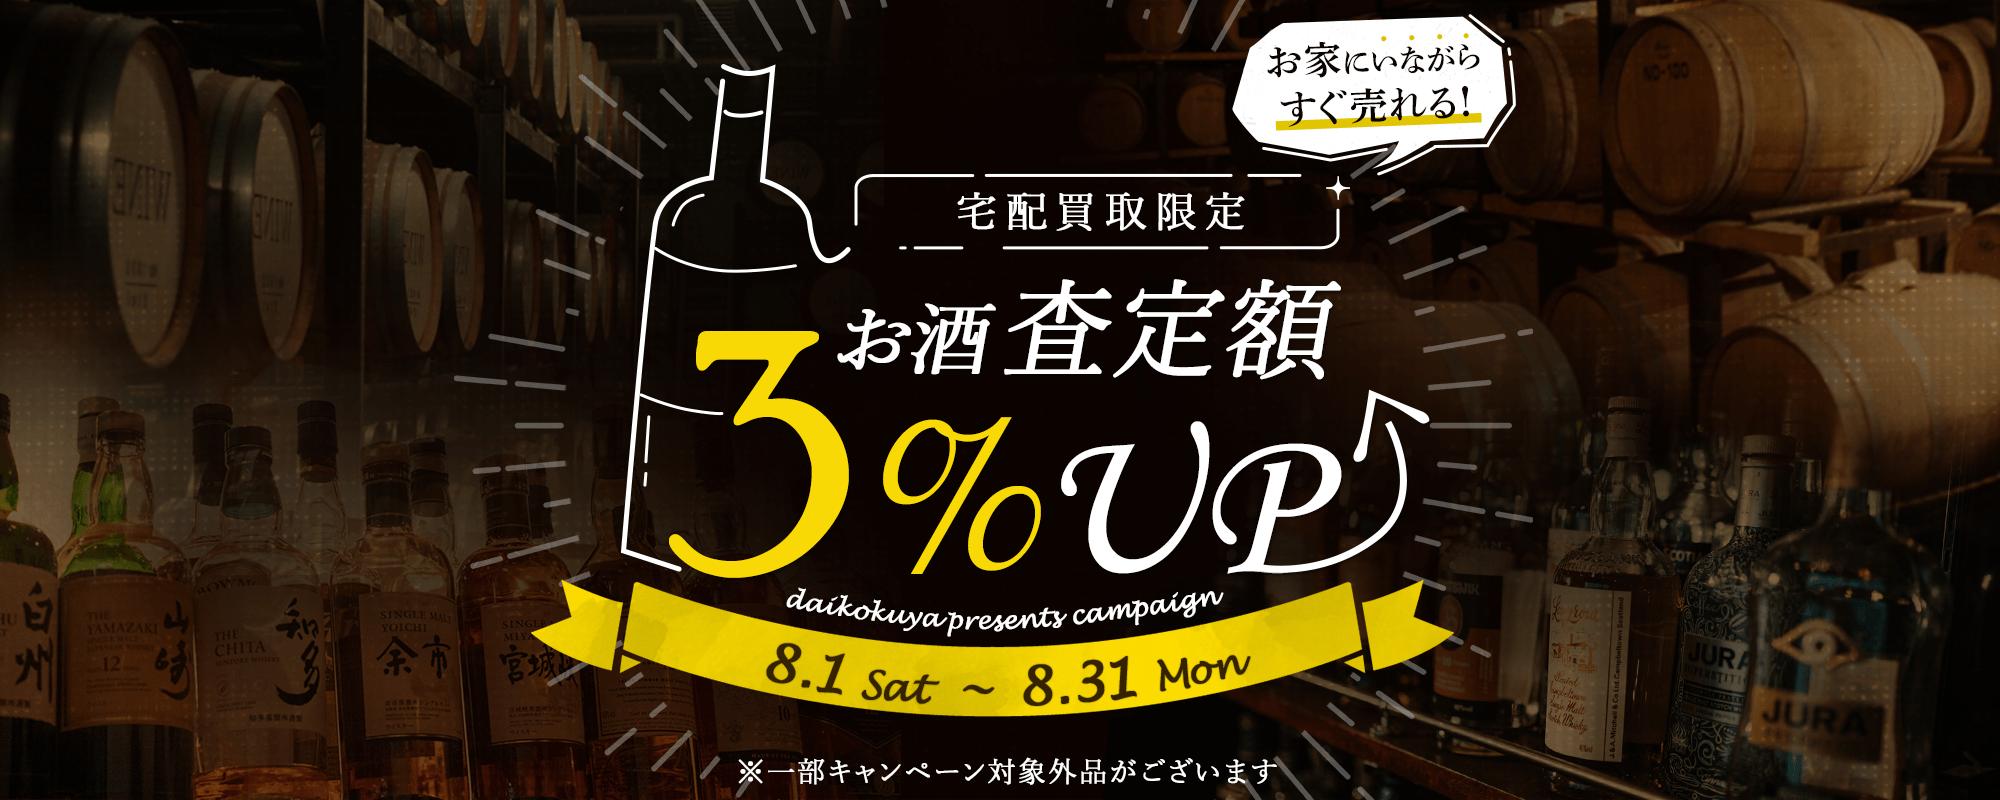 宅配買取限定! 大黒屋お酒買取キャンペーン! お酒をご売却で査定額3%UP!